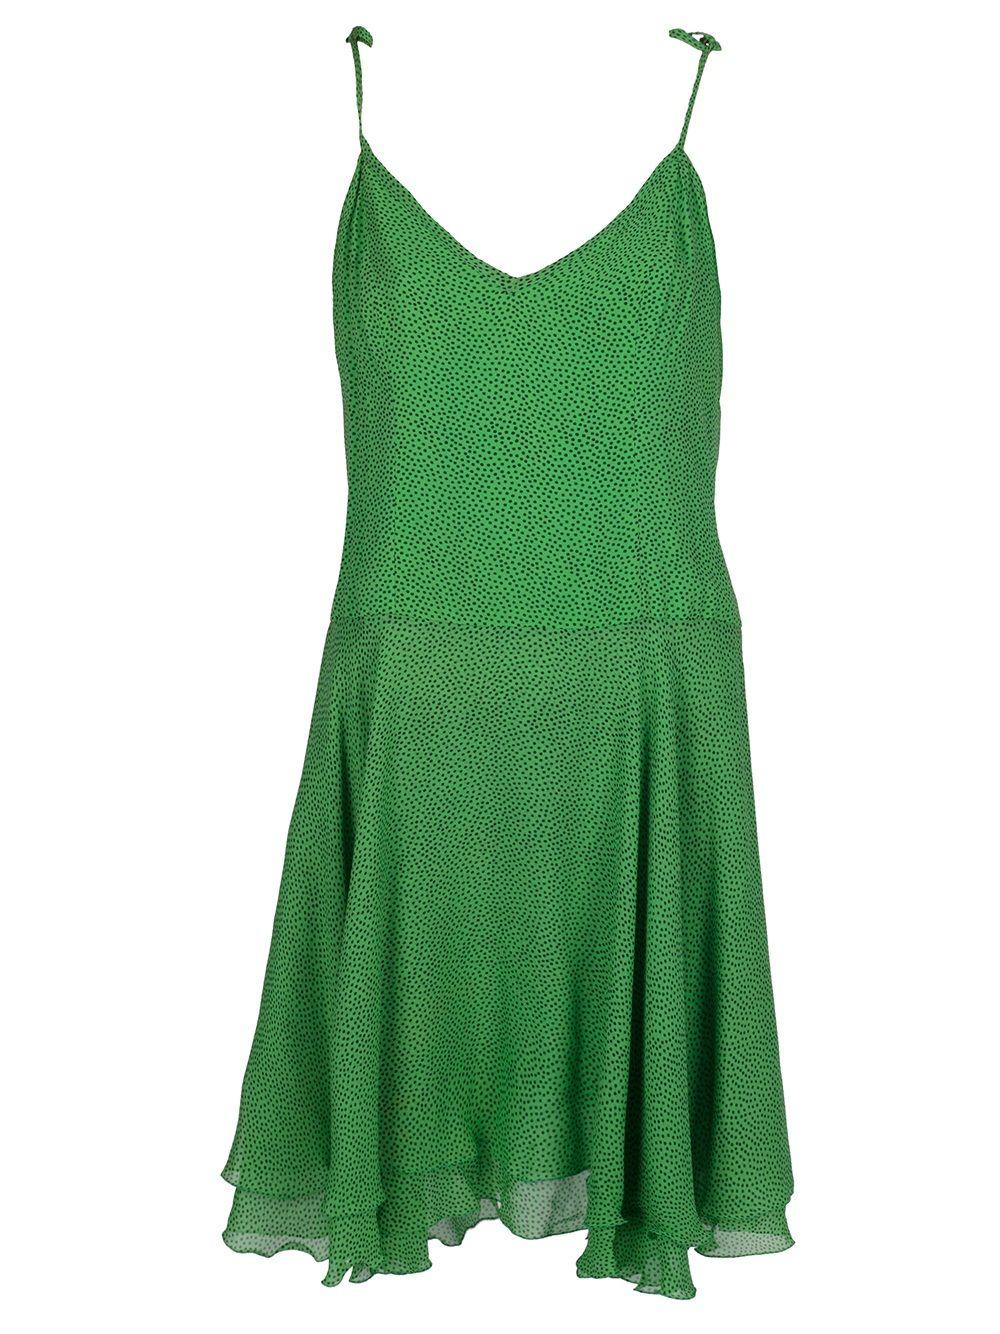 Gai Mattiolo Vintage Vestido Vintage Verde. - A.n.g.e.l.o Vintage - Farfetch.com.br